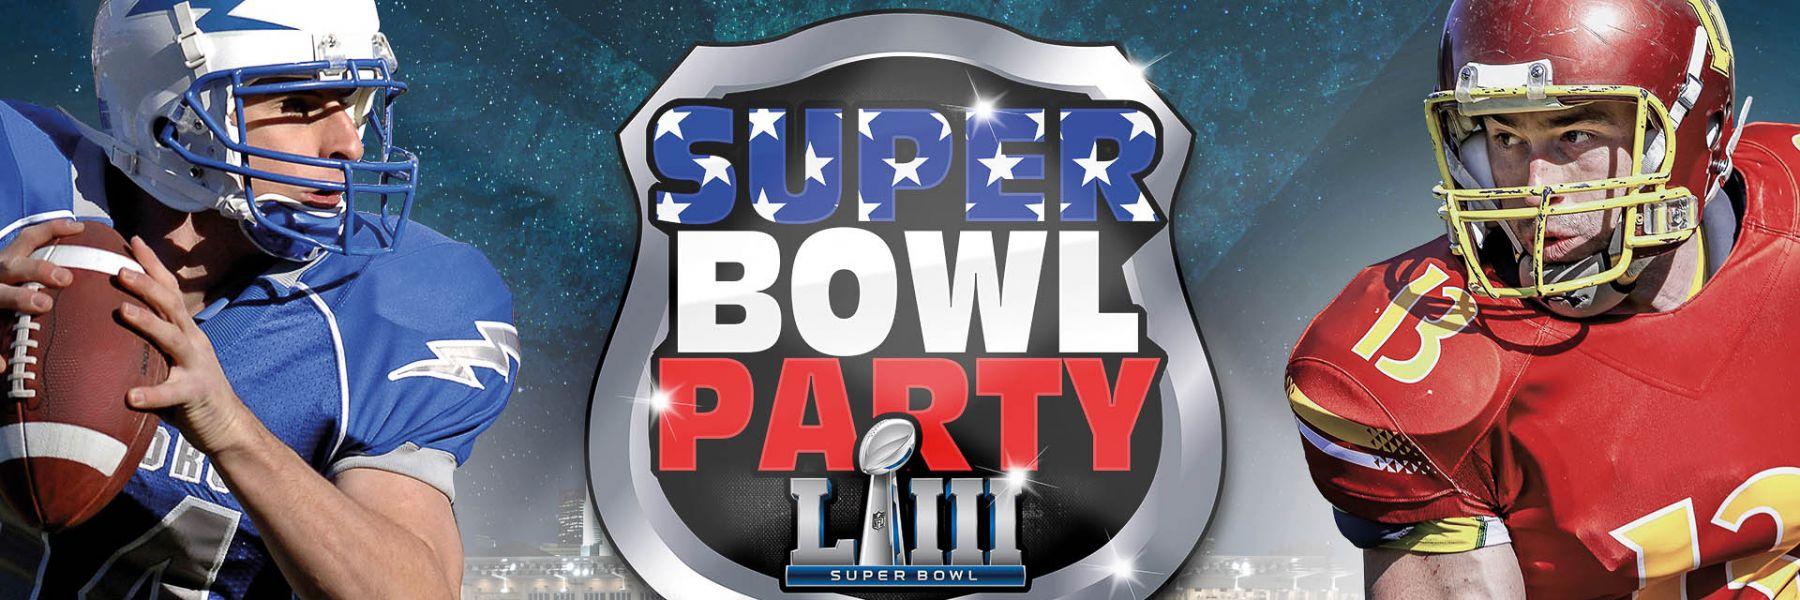 Die grösste Super Bowl Party in Zürich am 3.2.2019 in der Samsung Hall